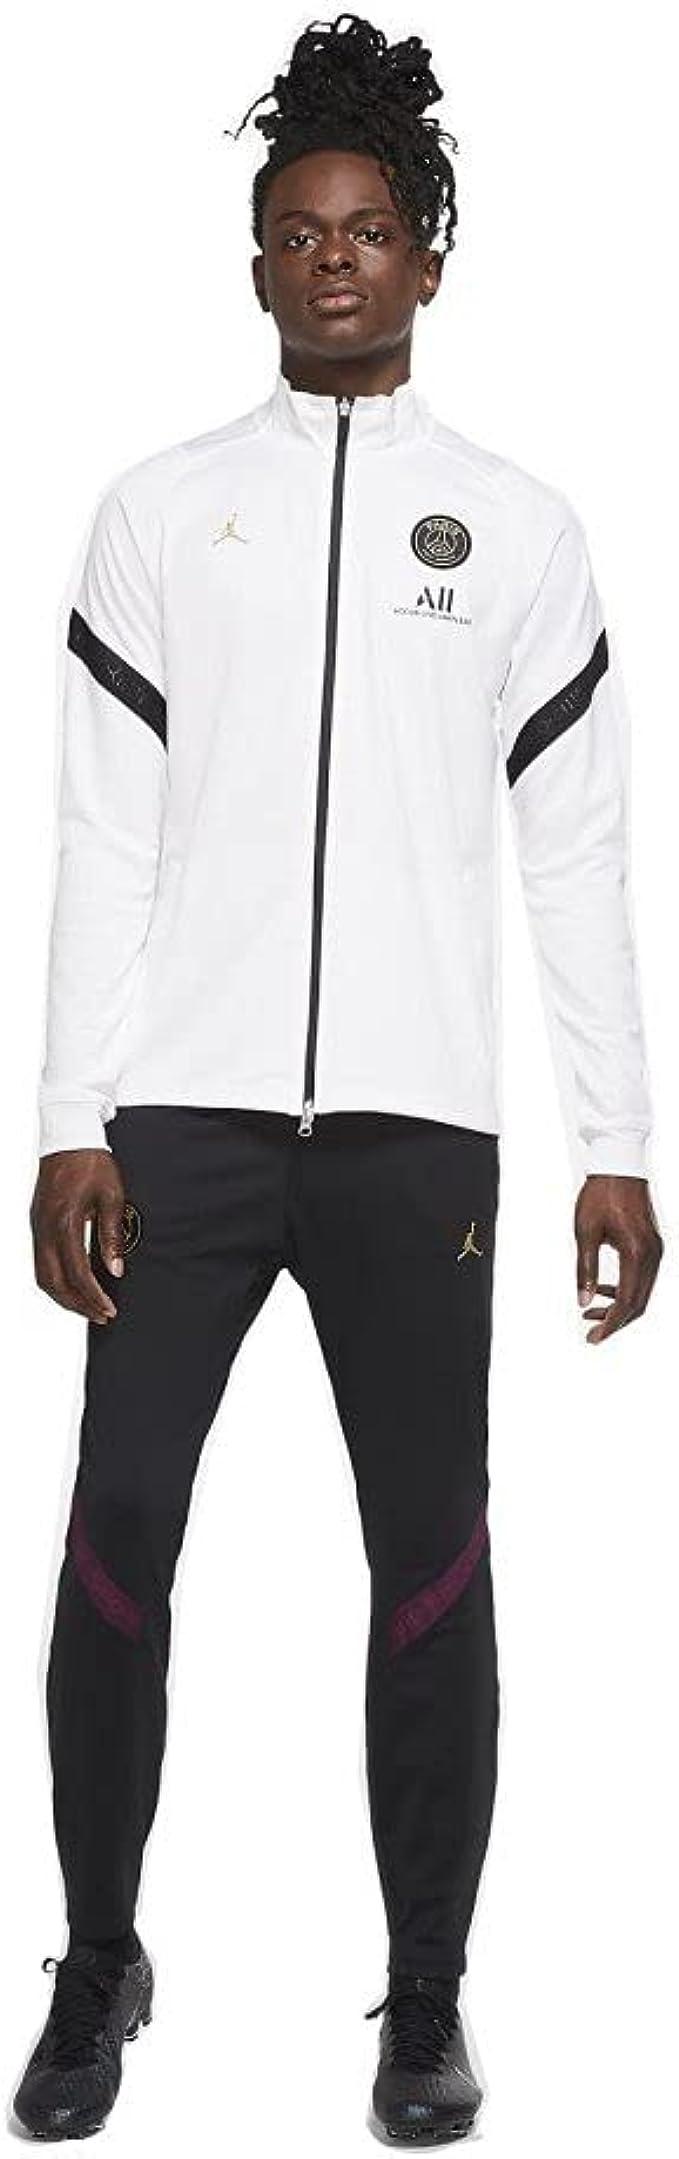 Nike PSG Paris Saint Germain Tuta Jordan 2020-21